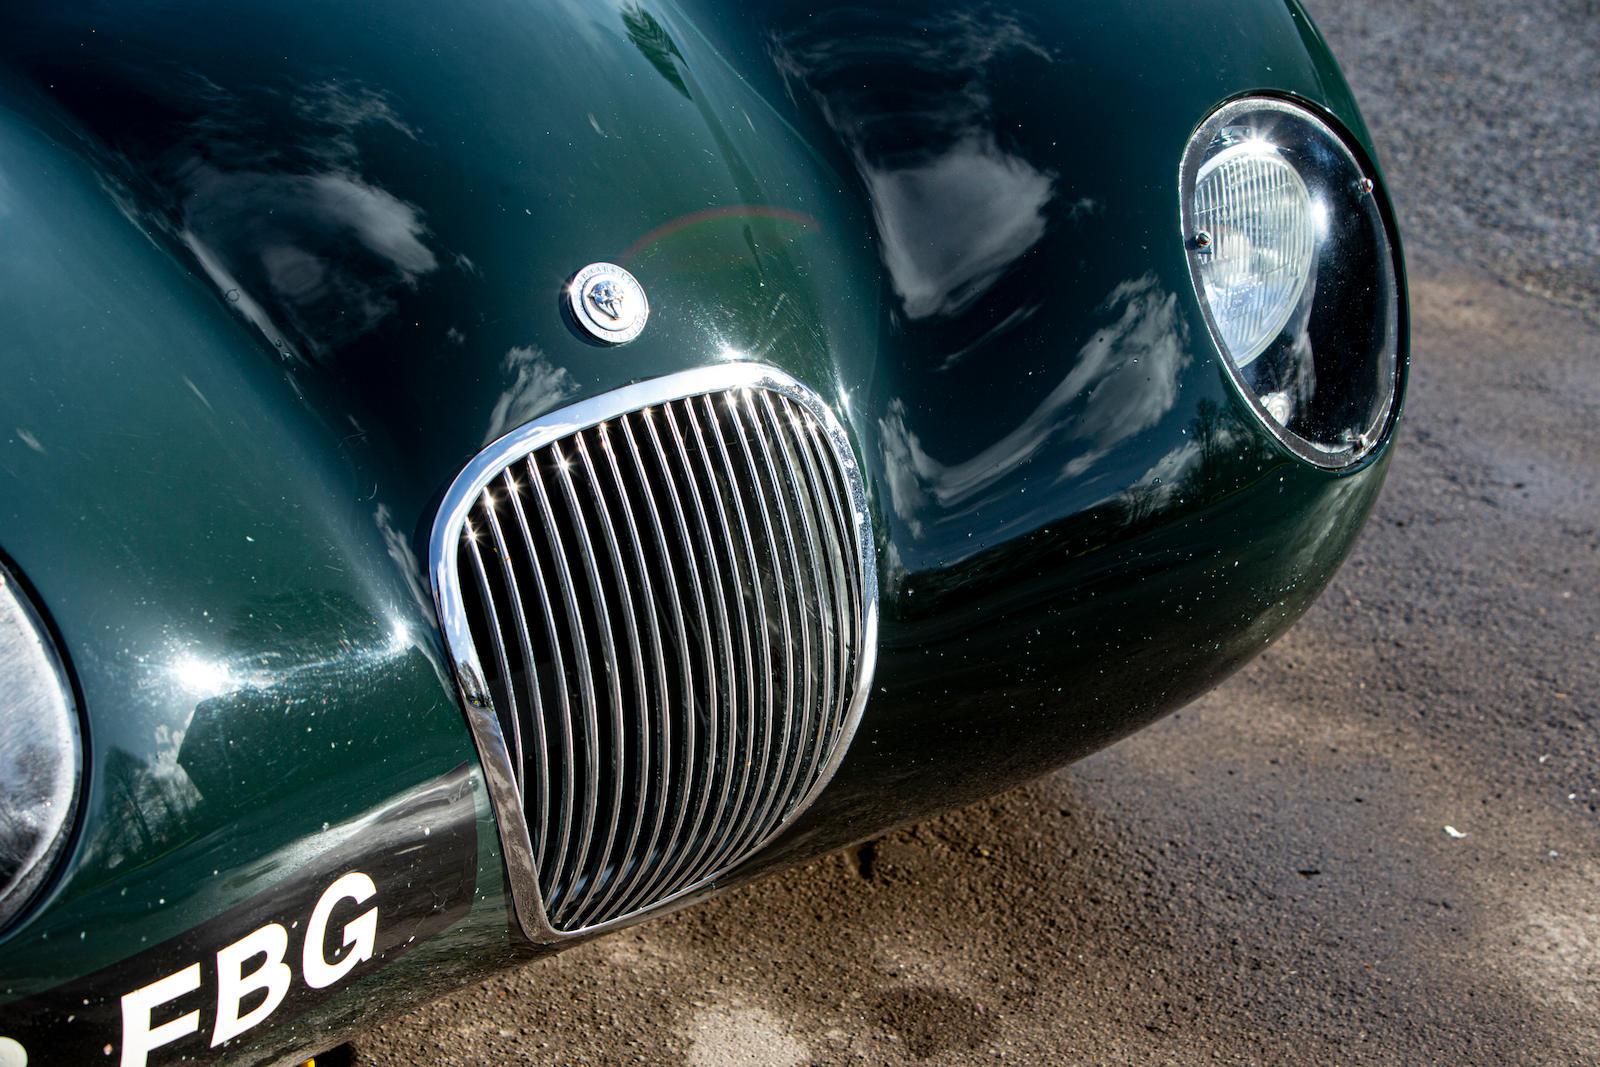 1952 Jaguar XK120 C-Type front detail